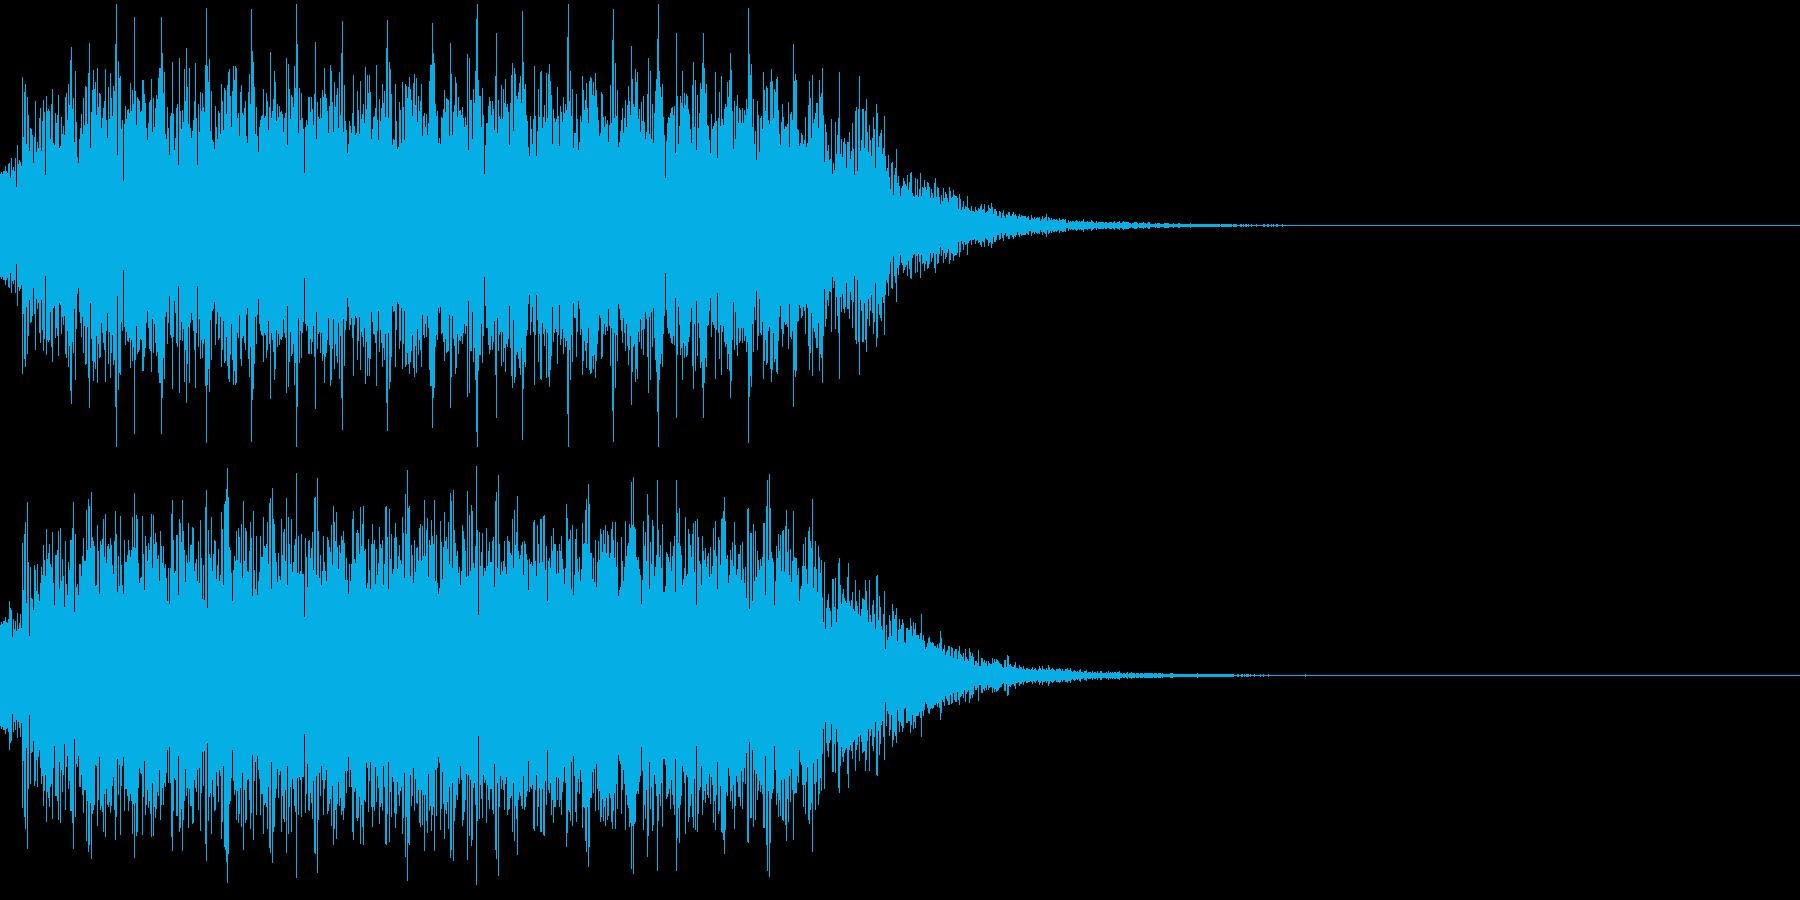 マシンガンの発砲音_その3の再生済みの波形